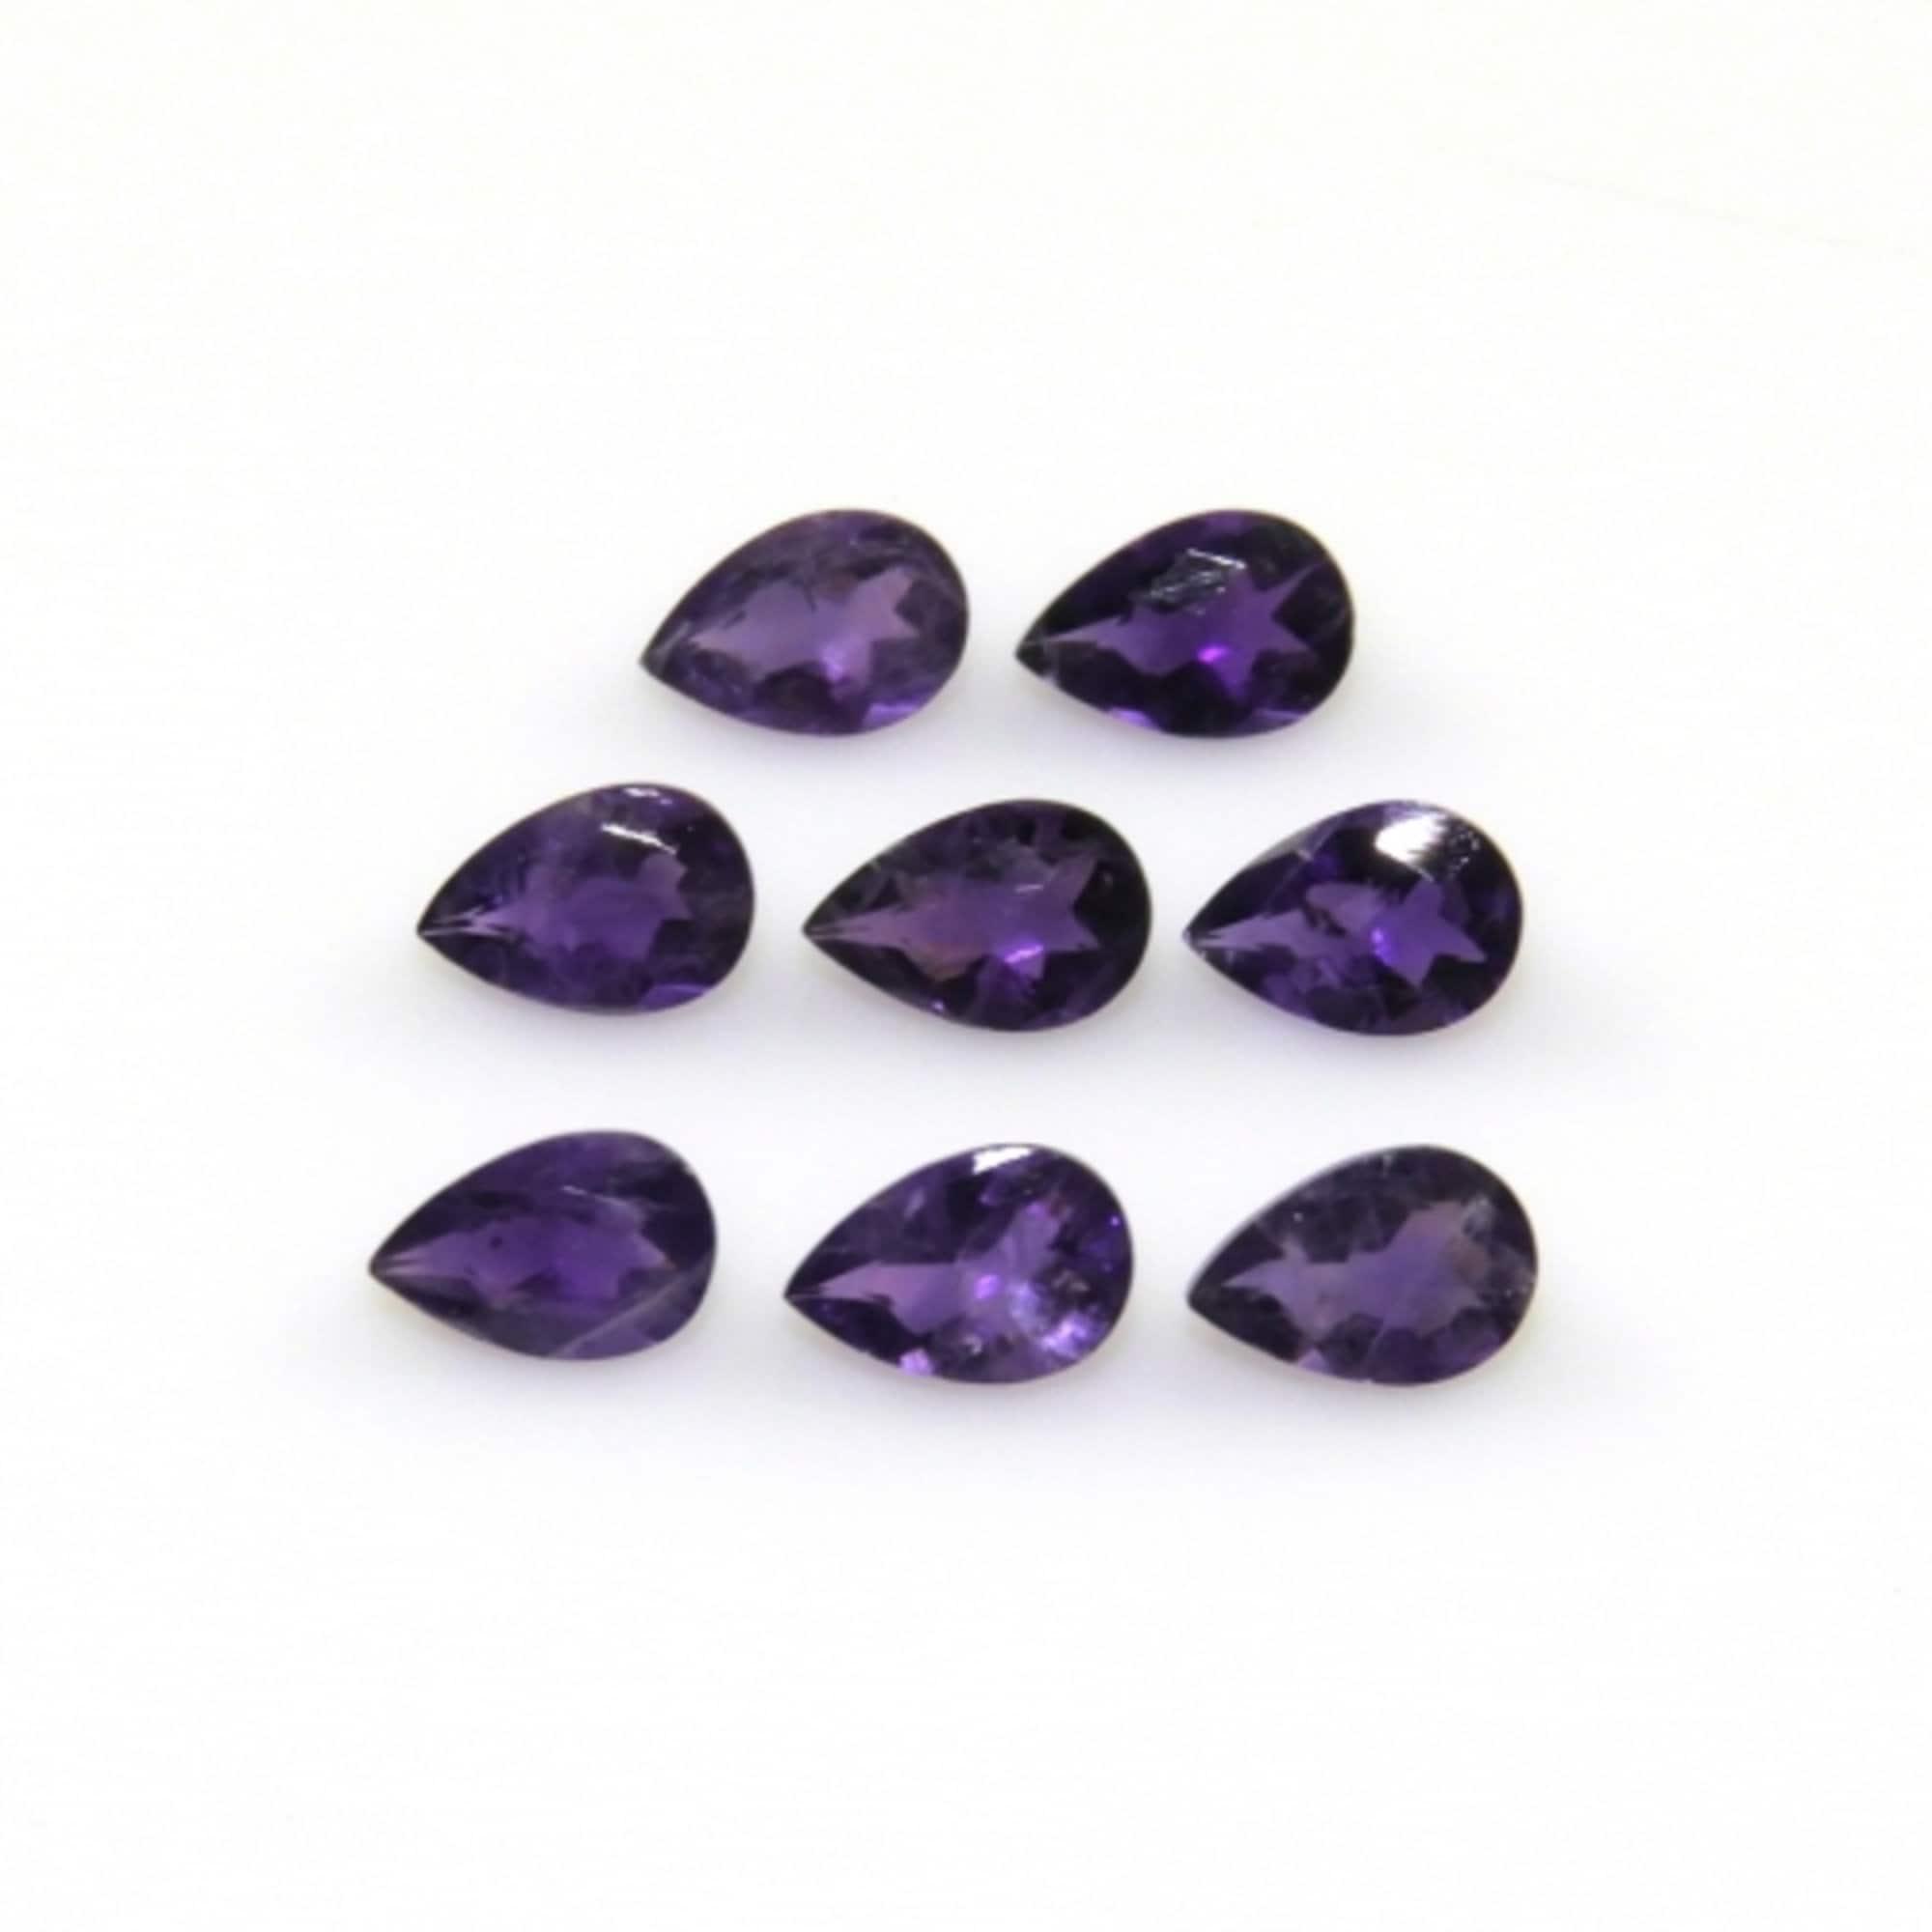 Amethyst Faceted Pear Briolettes 3 Brazilian Purple Semi Precious Gemstone February Birthstone